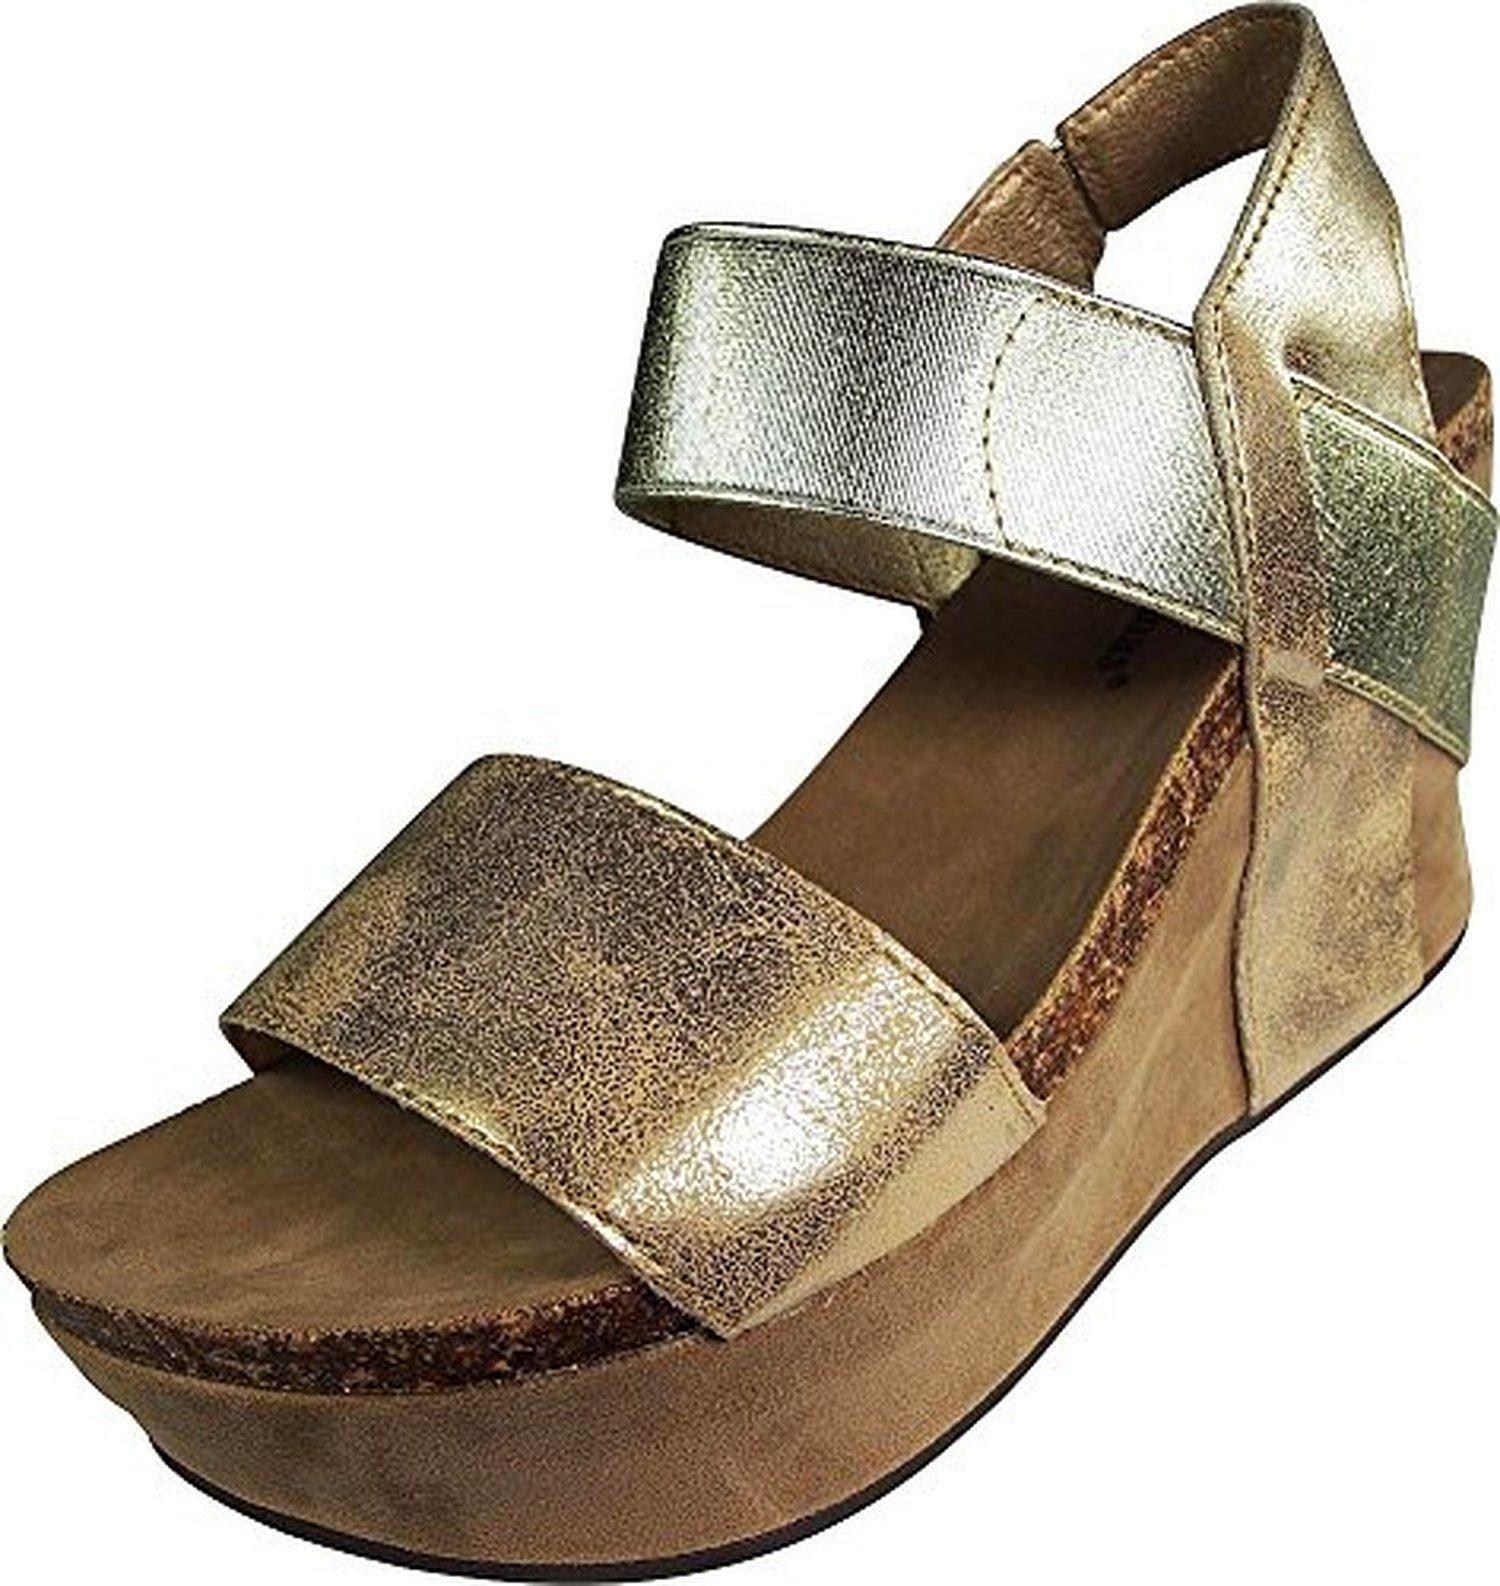 4dde3531f7c6 Pierre Dumas Hester-1 Women s Wedge Sandal